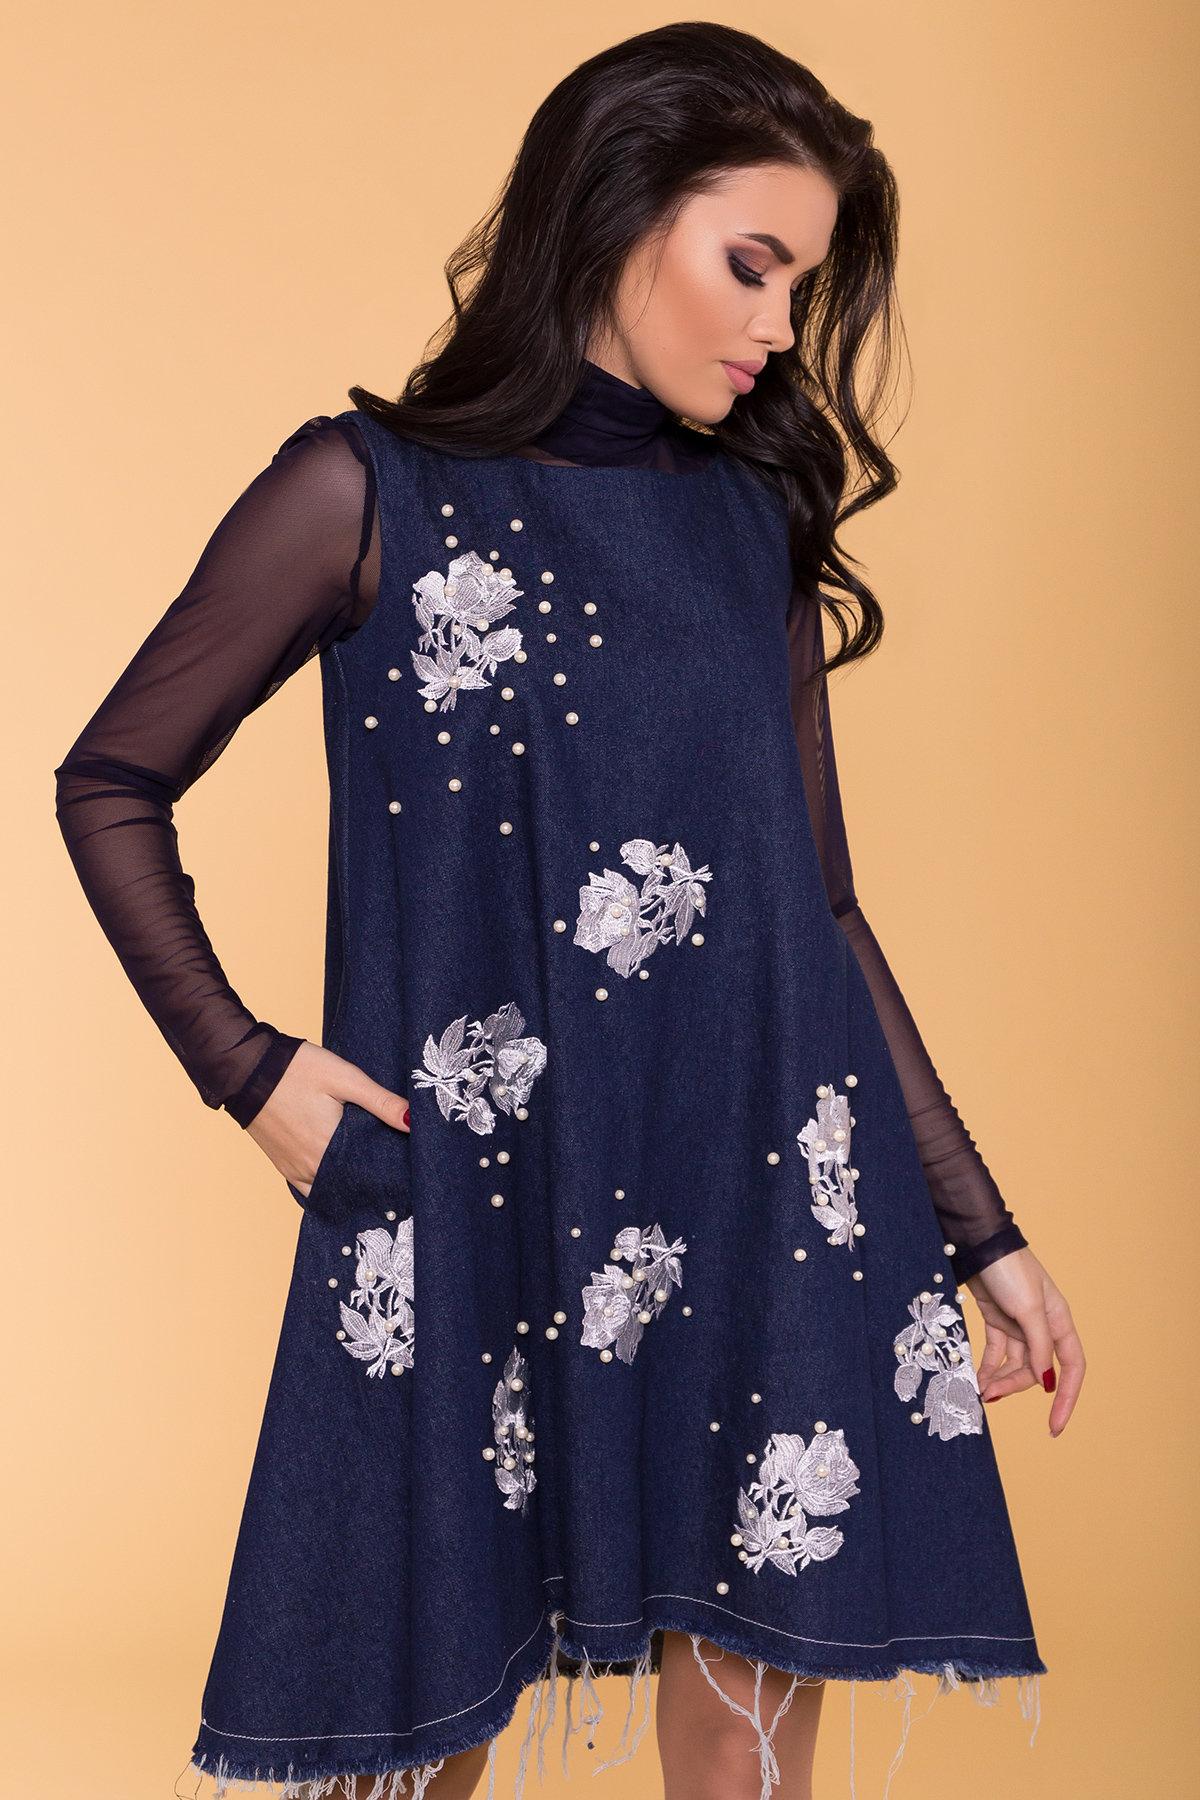 Платье Индира 3404 АРТ. 17362 Цвет: Темный джинс - фото 3, интернет магазин tm-modus.ru